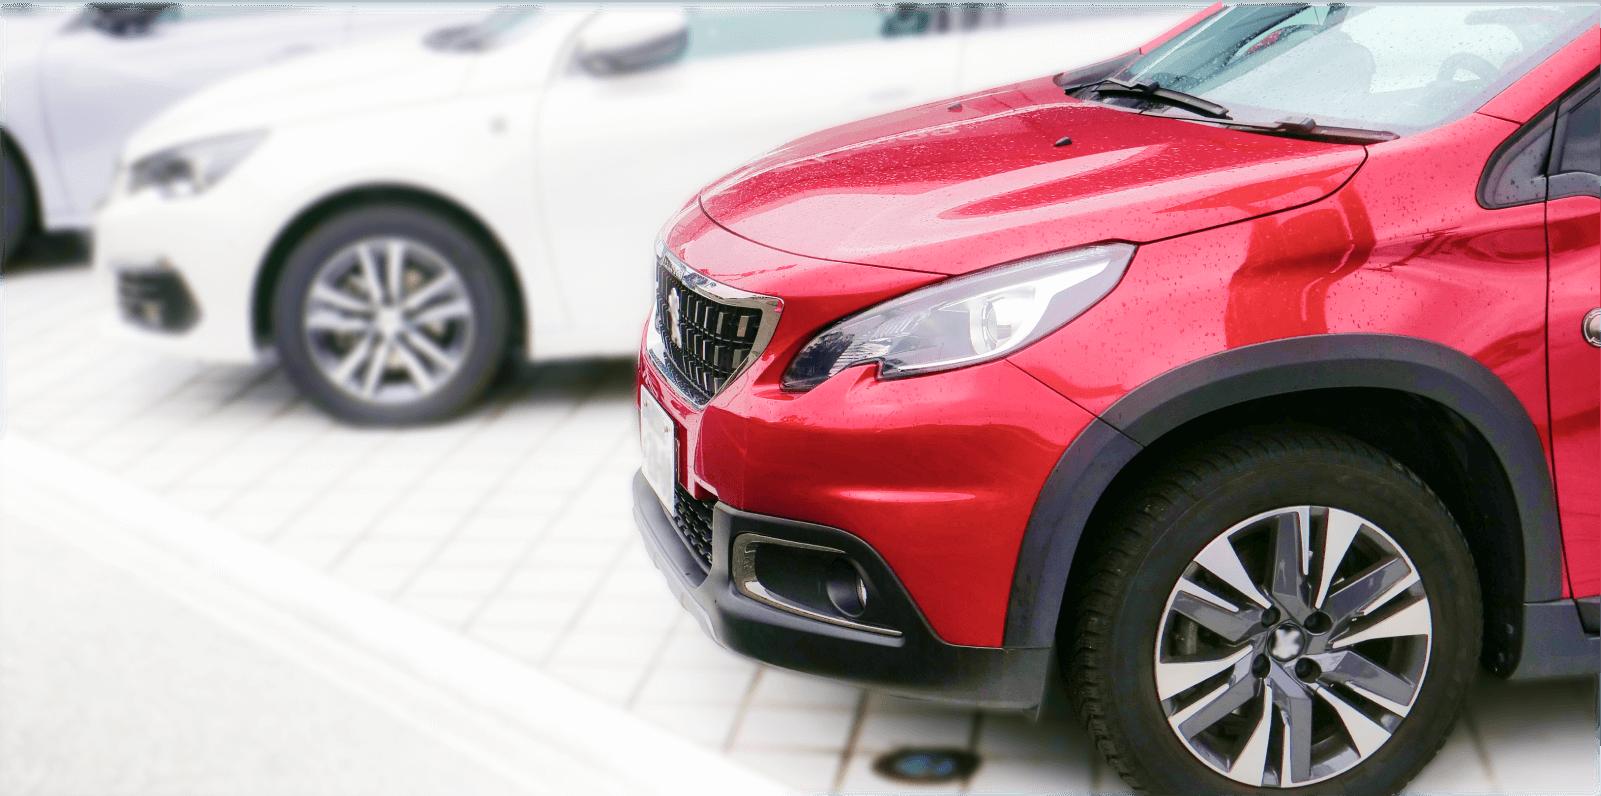 「所有から利用へ」今こそ期待されるオートリース –車両管理システムを活用し、企業独自の価値を提供する方法